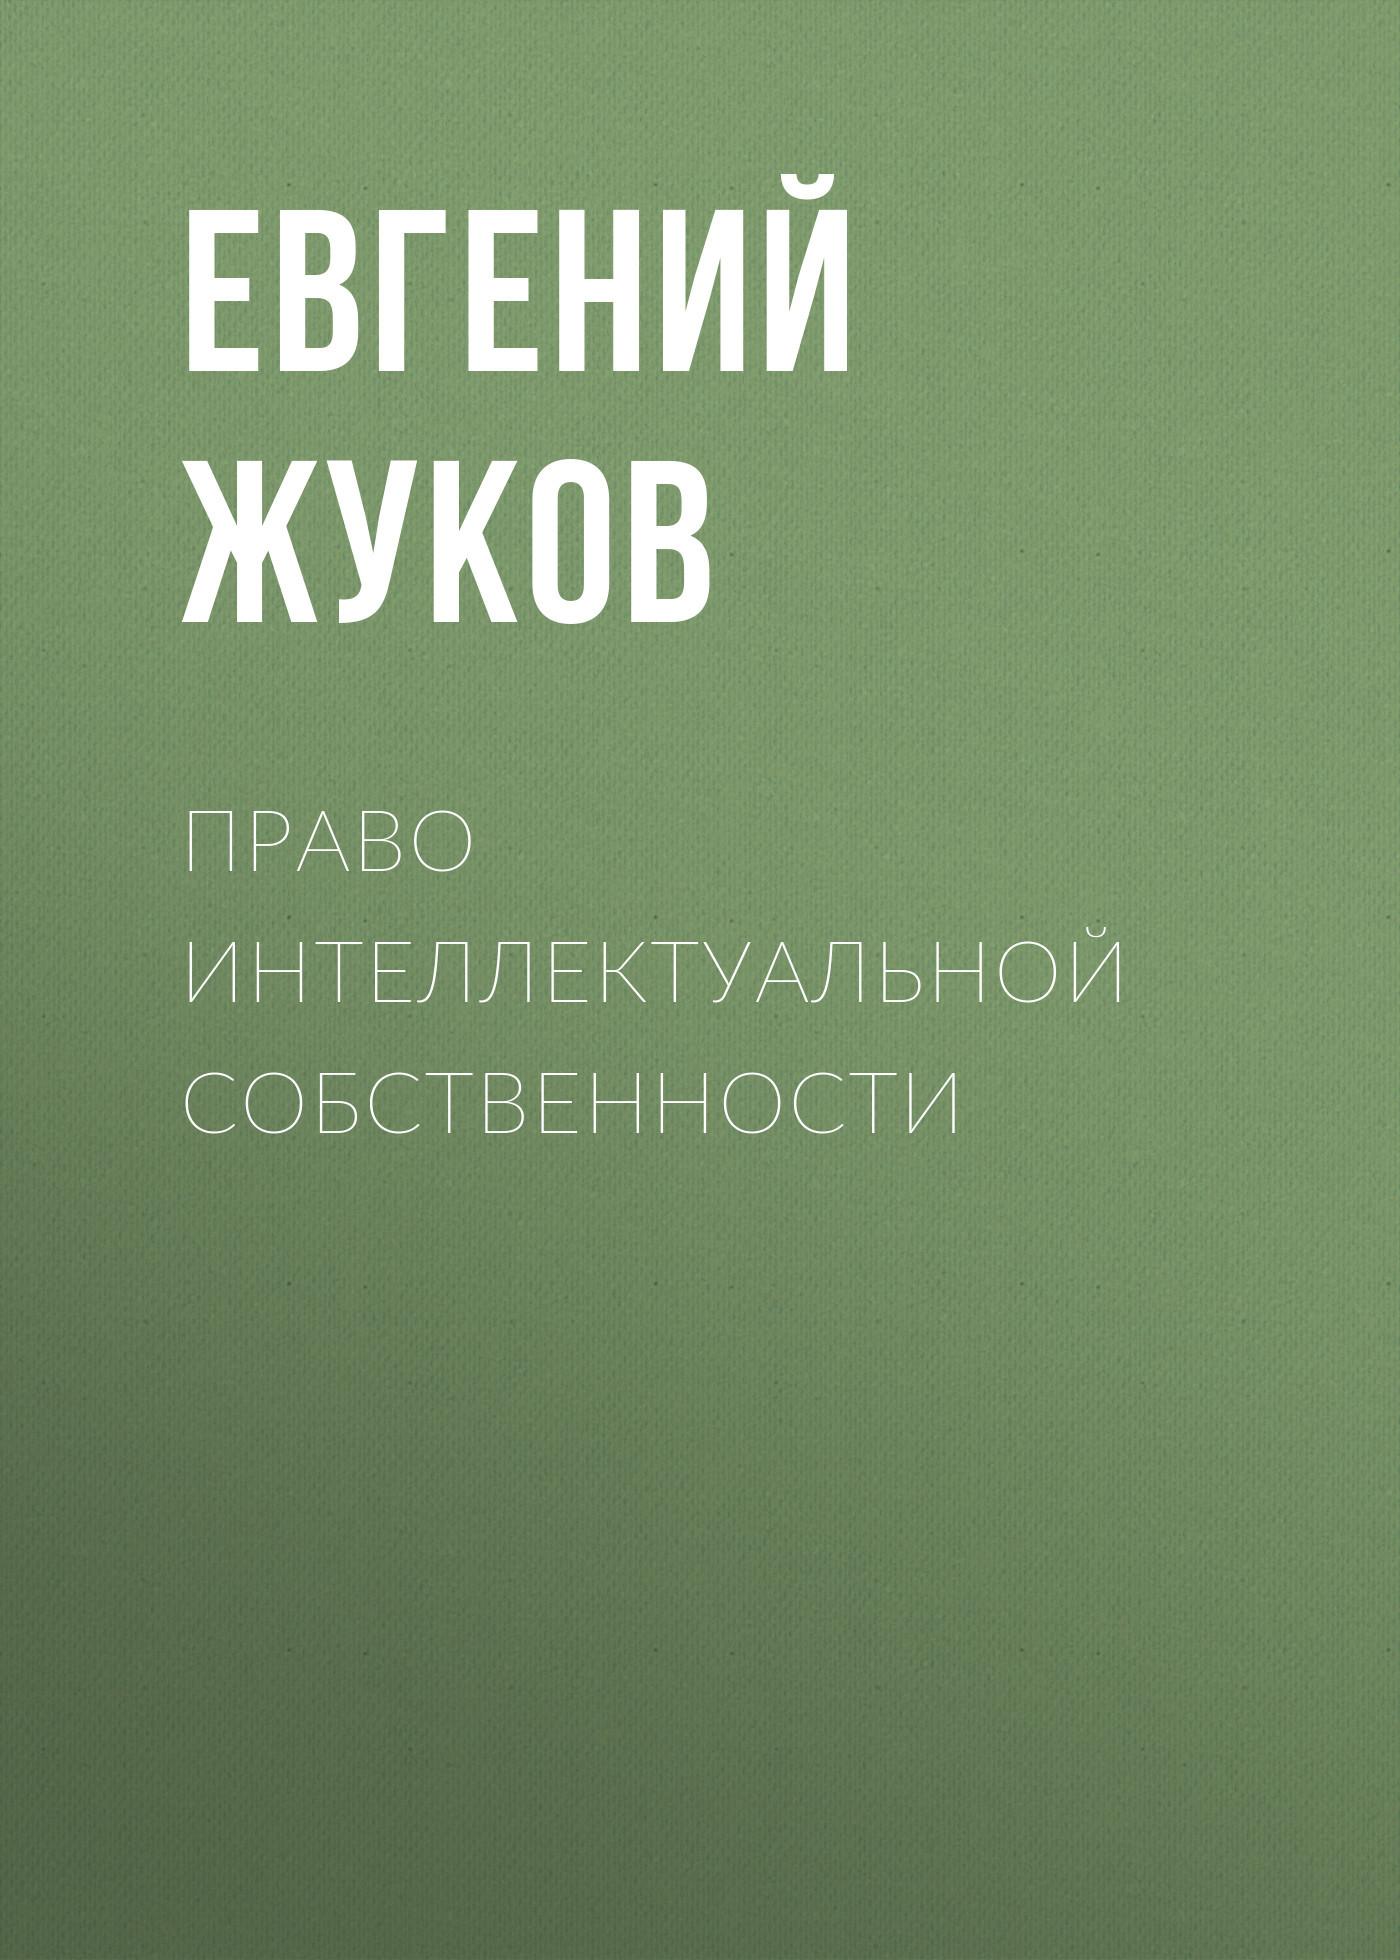 Евгений Жуков Право интеллектуальной собственности екатерина давидовна тягай право собственности на недвижимость в сша сложноструктурные модели монография